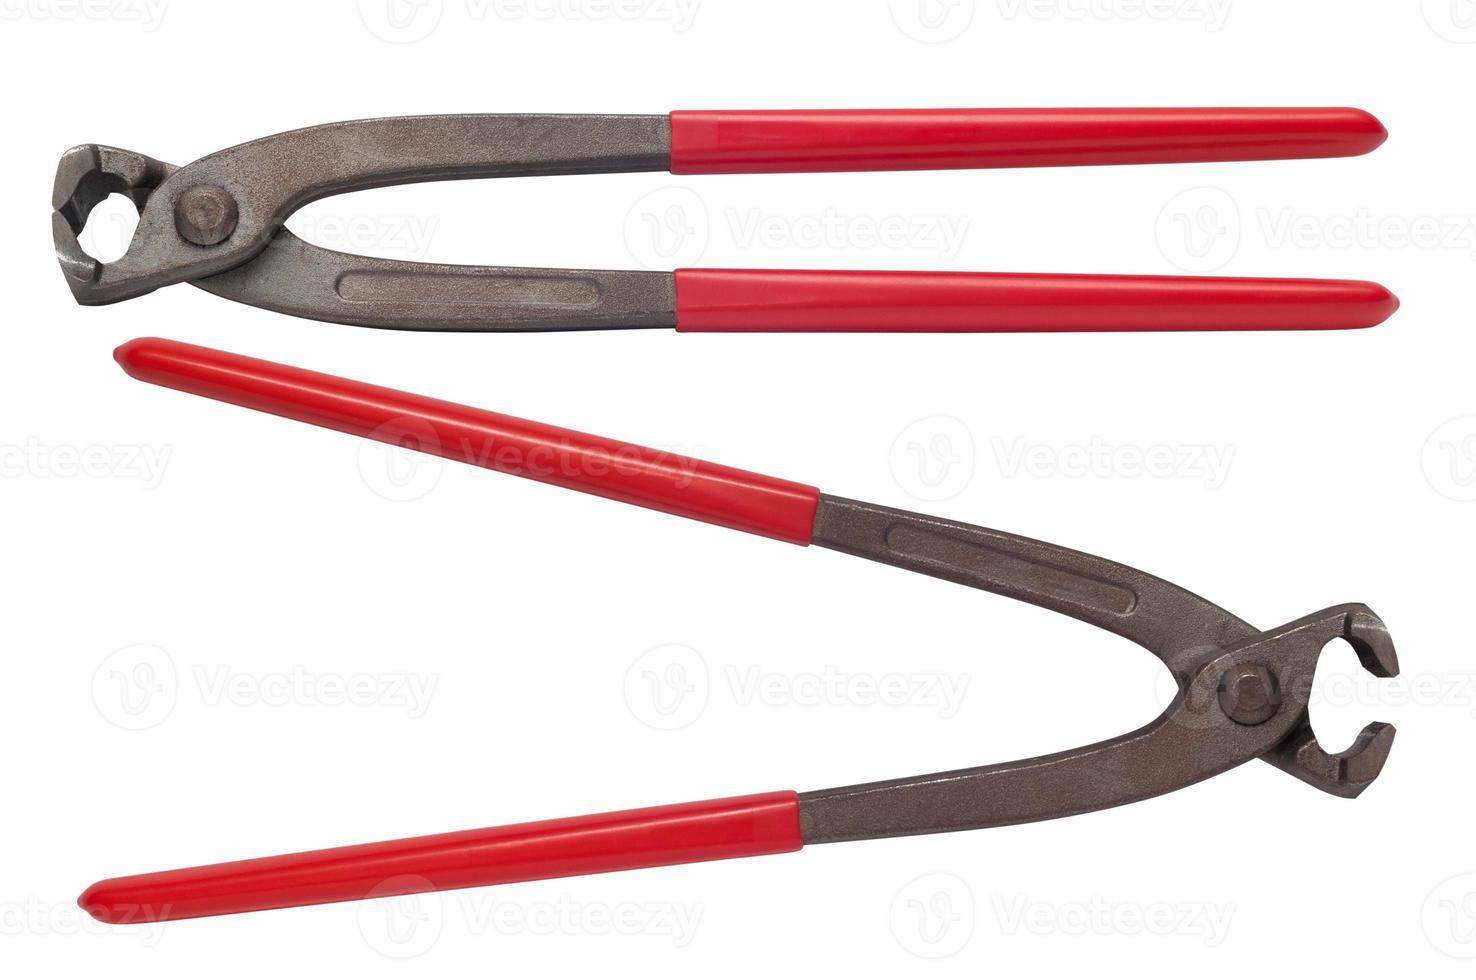 tang för koppling av ventilen foto